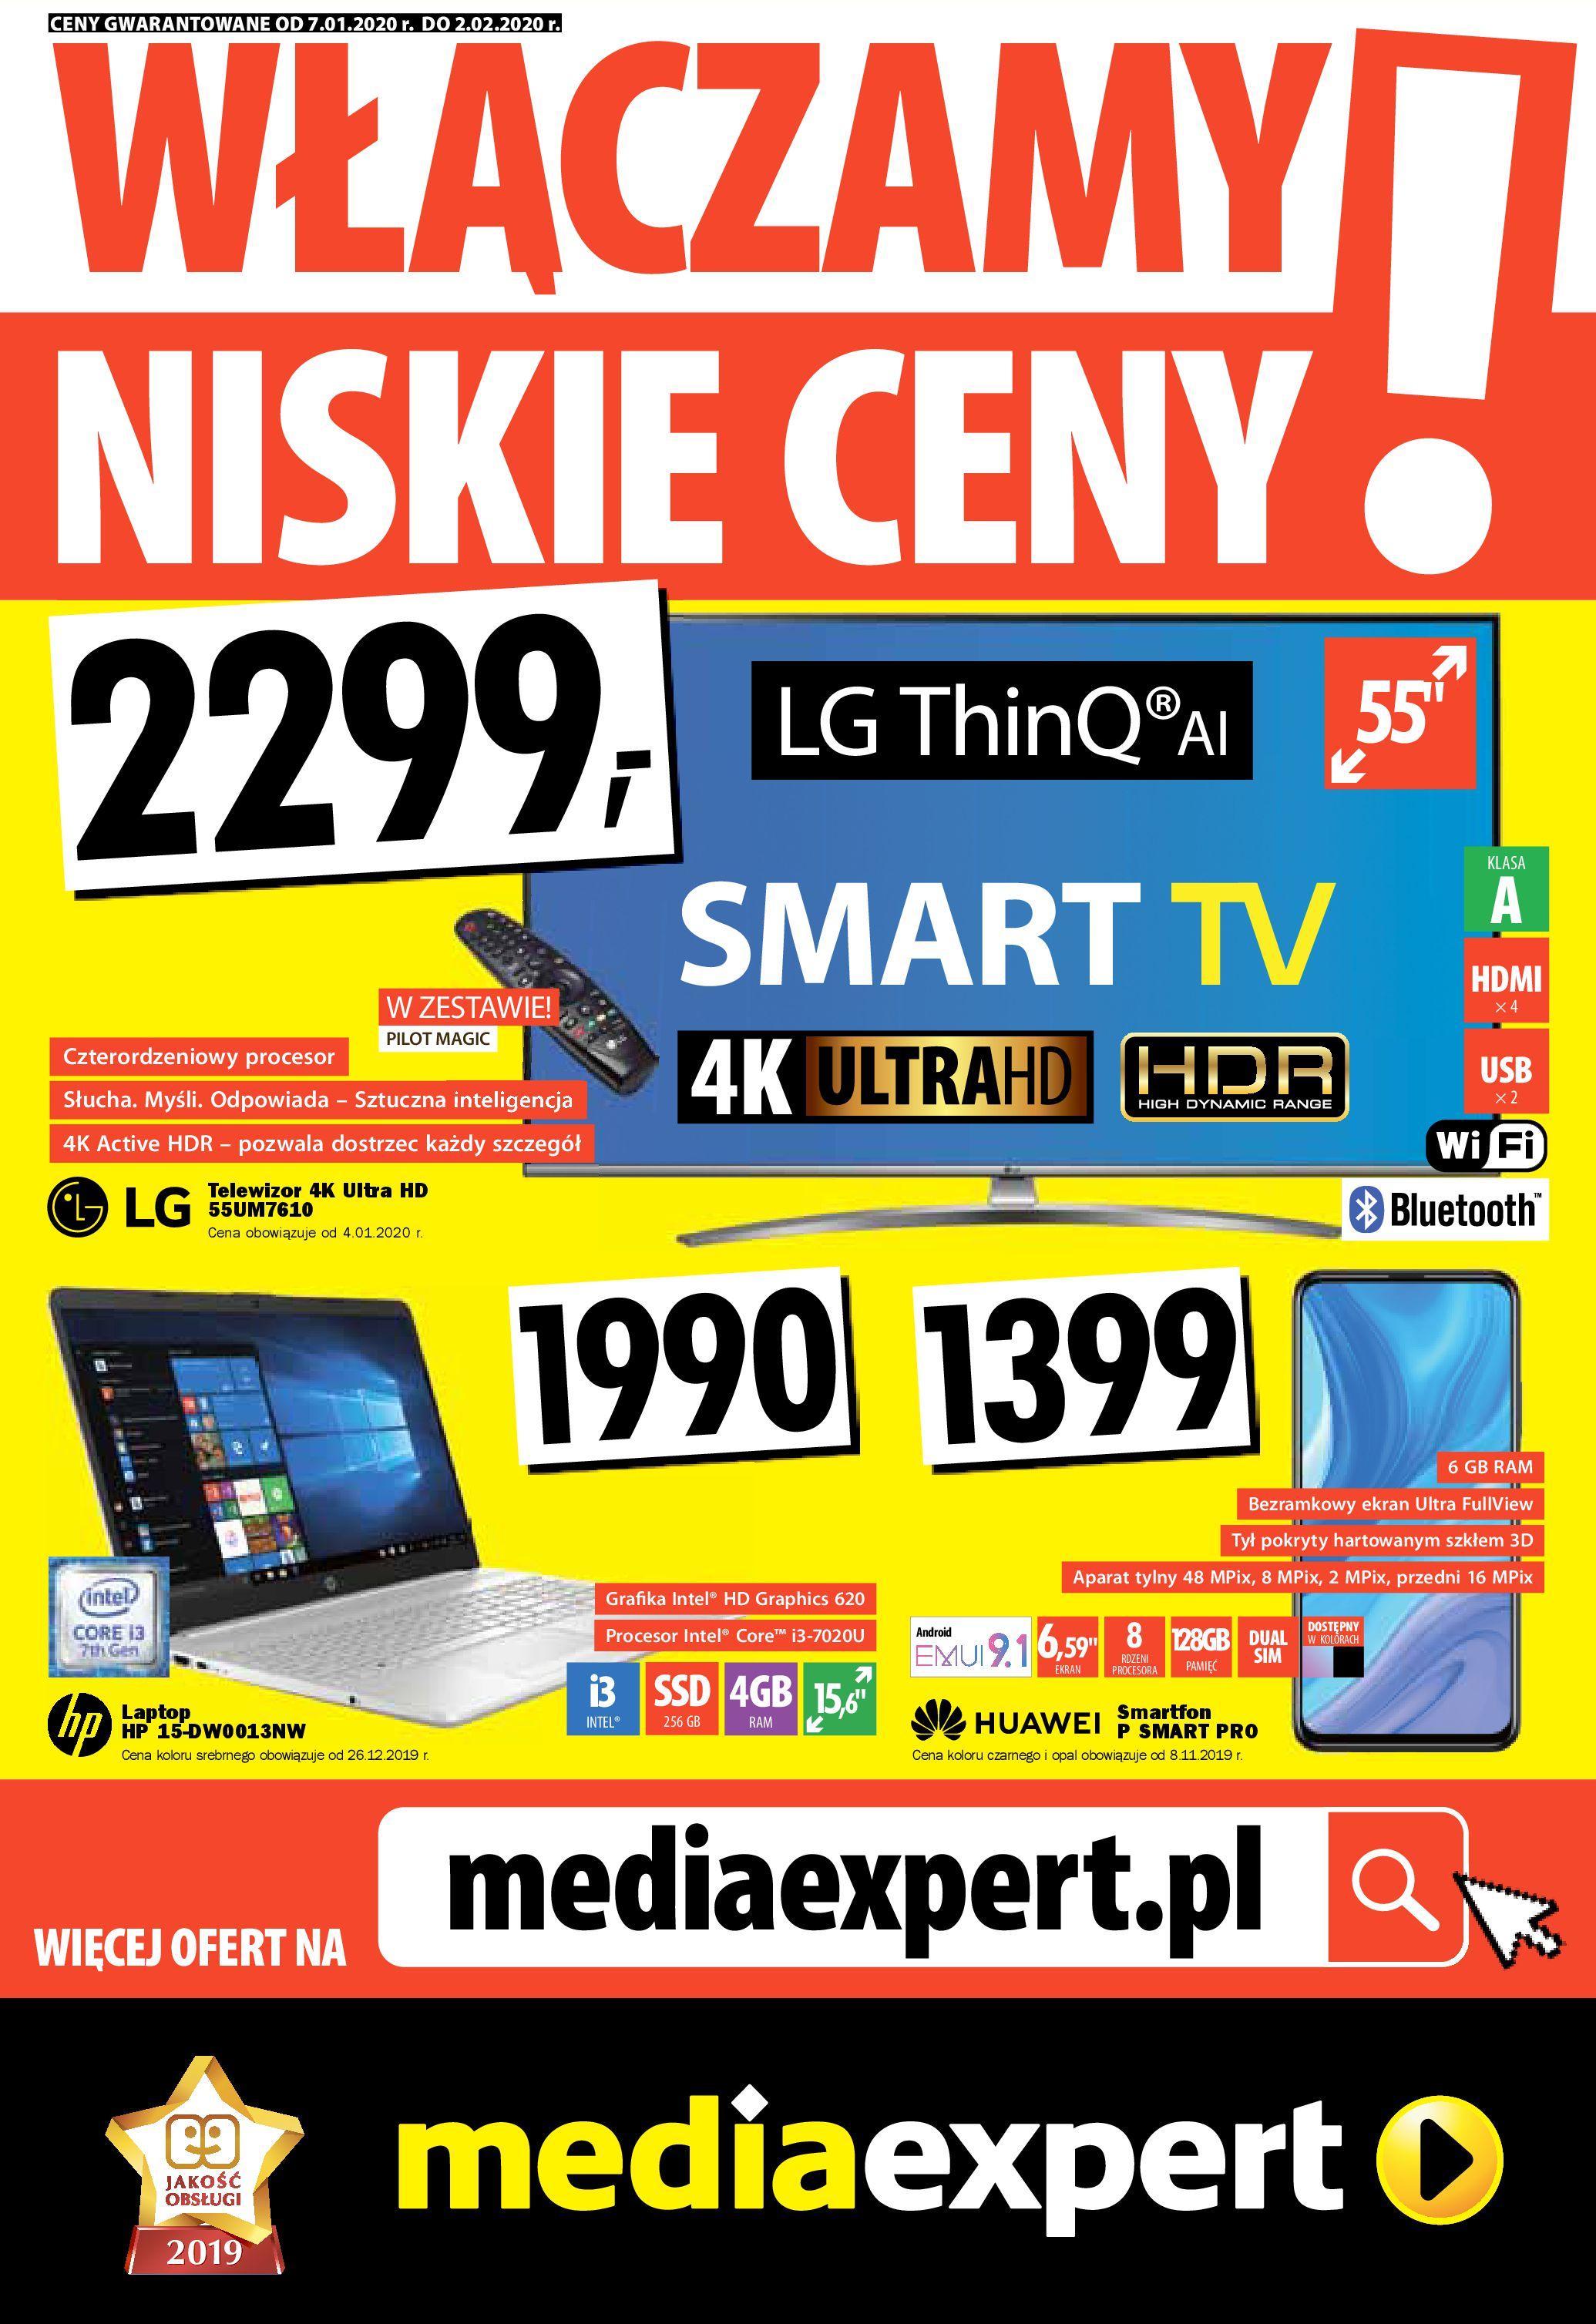 Gazetka Media Expert - WŁĄCZAMY NISKIE CENY!-06.01.2020-02.02.2020-page-1